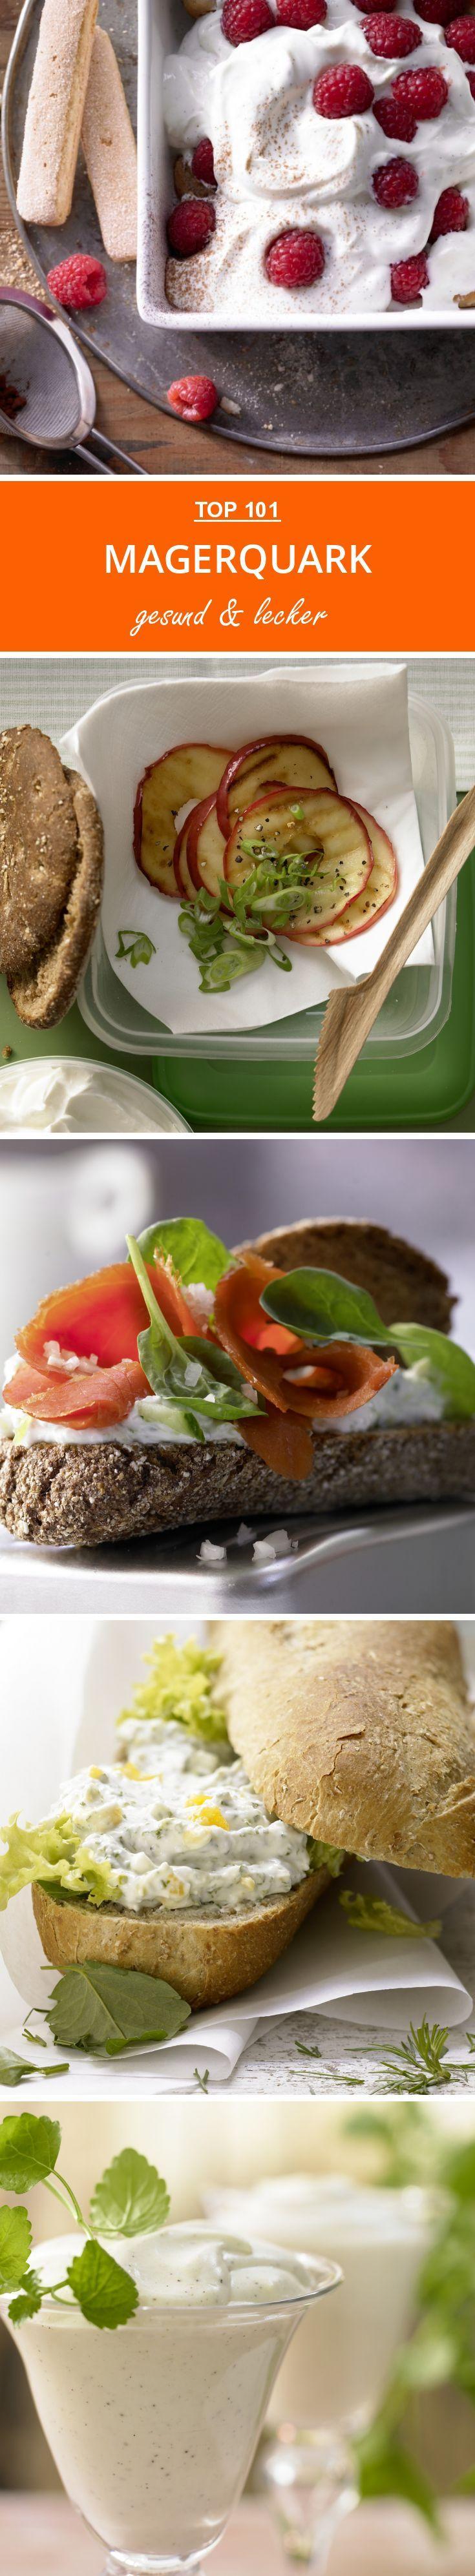 Magerquark | eatsmarter.de